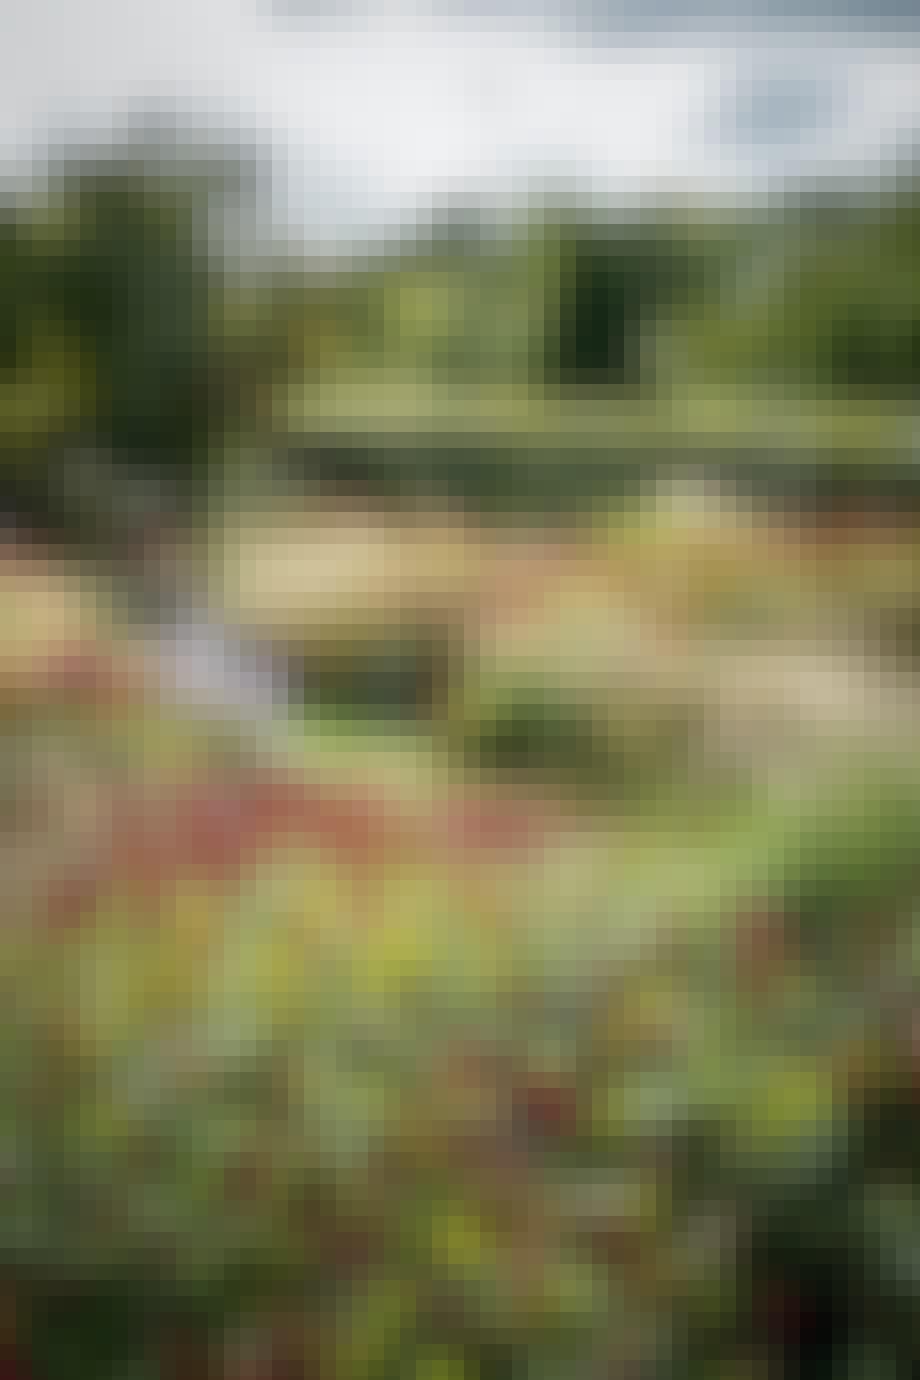 græshave græsser klippede hække stauder